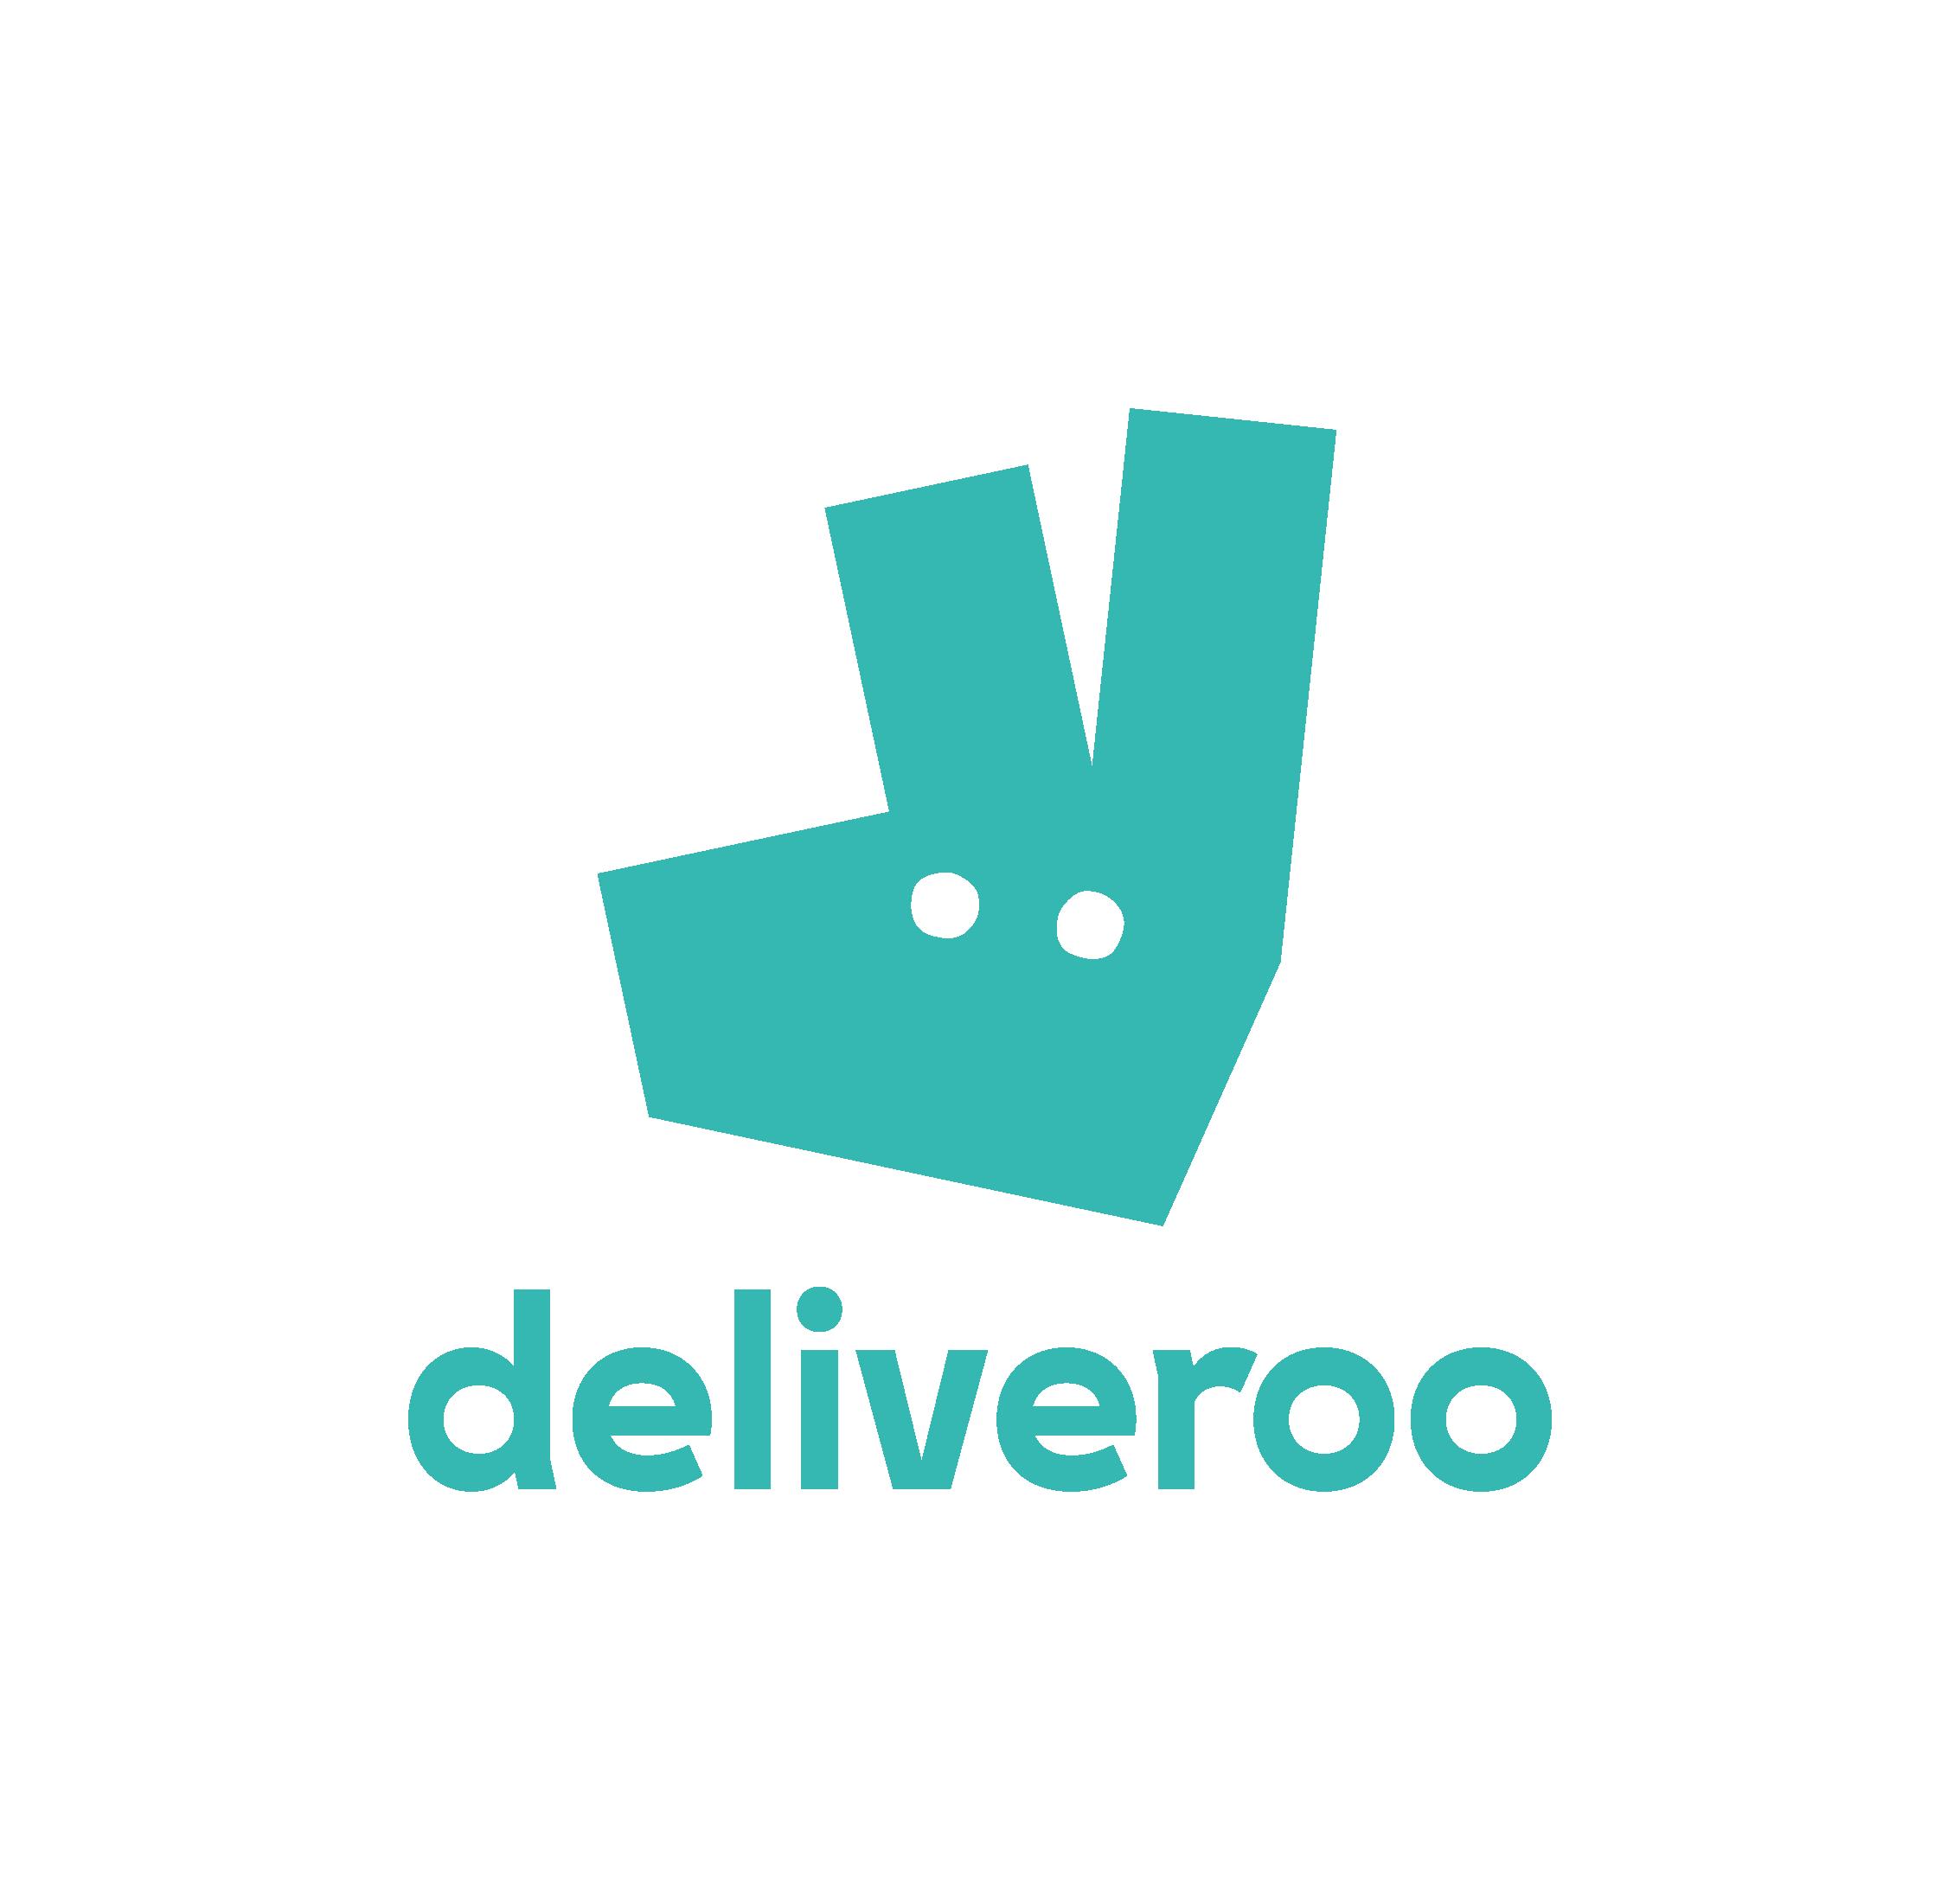 PREFERRED-VERSION-Deliveroo-Logo_Full_CMYK_Teal-2.png